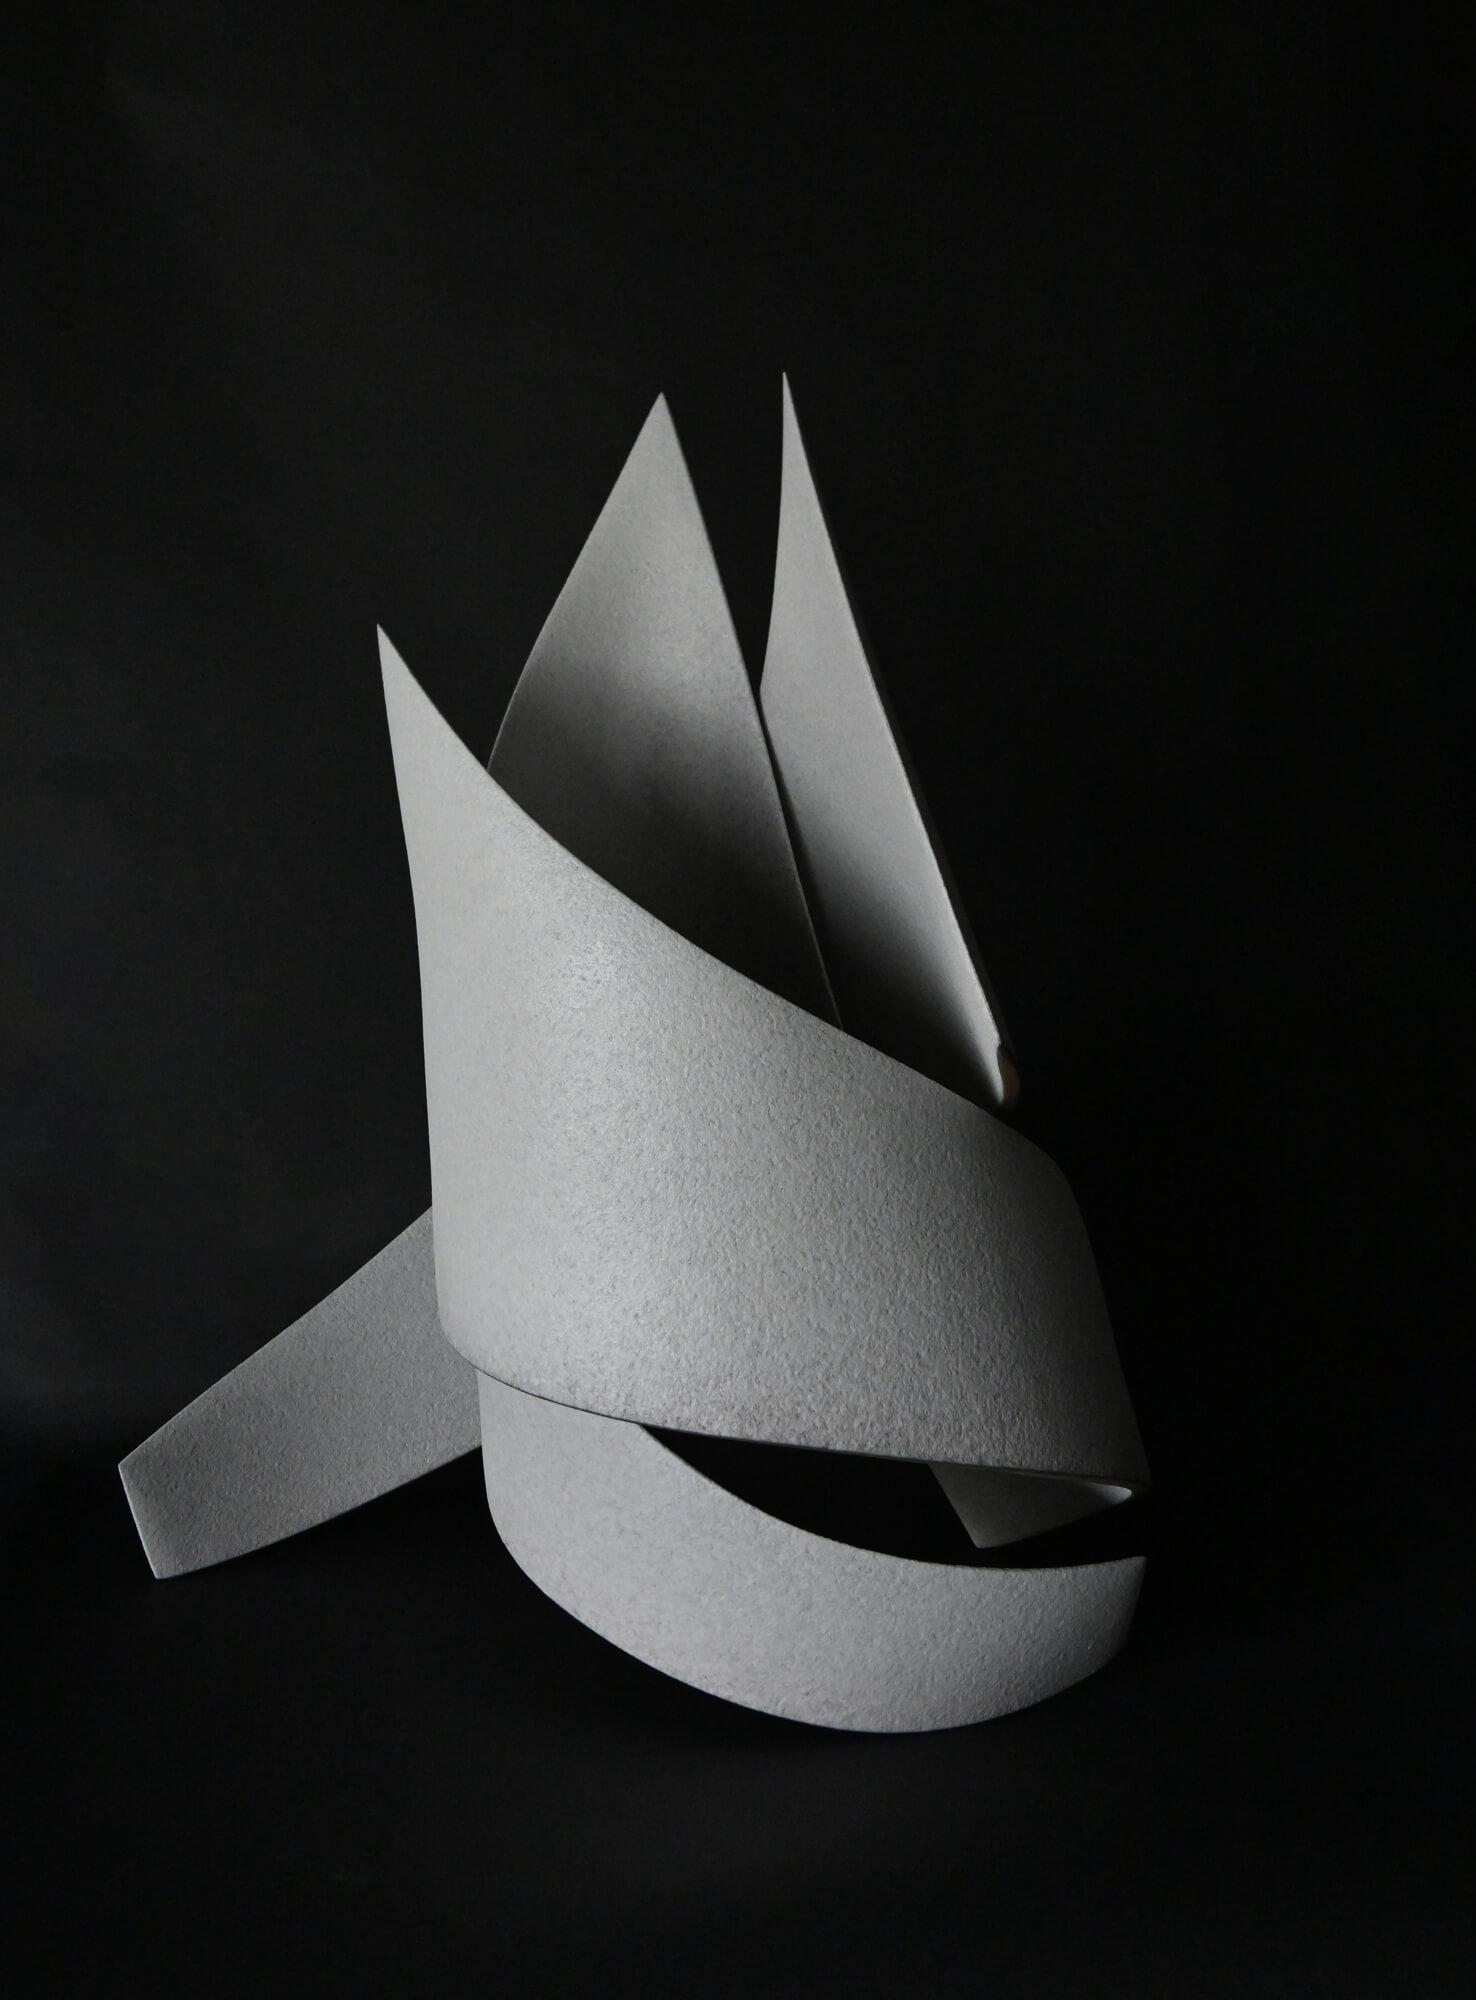 Kai(Turn) X(2020)